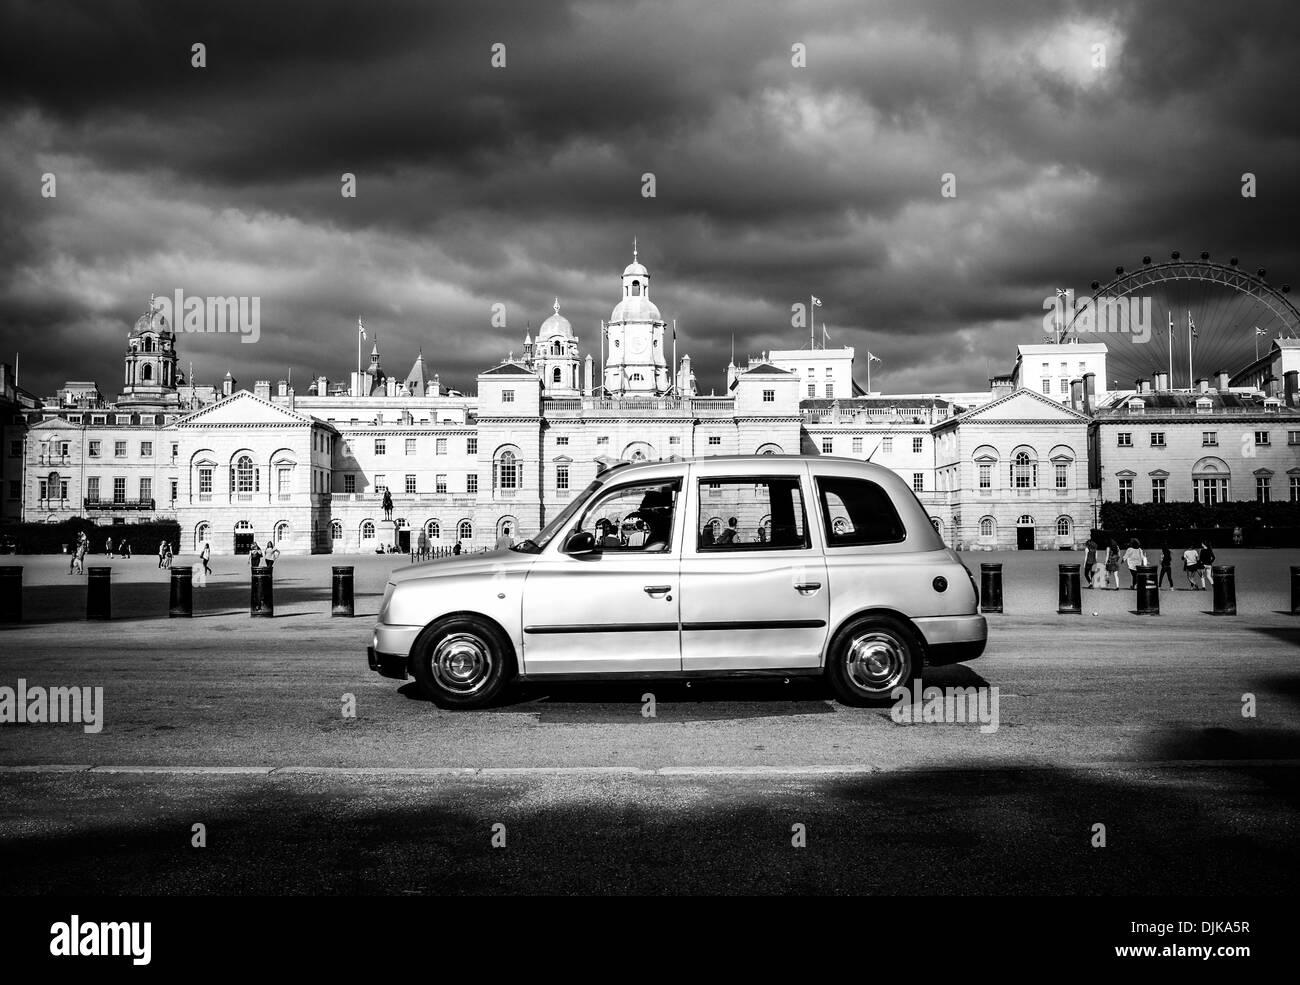 Taxi delante del caballo desfile de guardias, Londres, Inglaterra Imagen De Stock